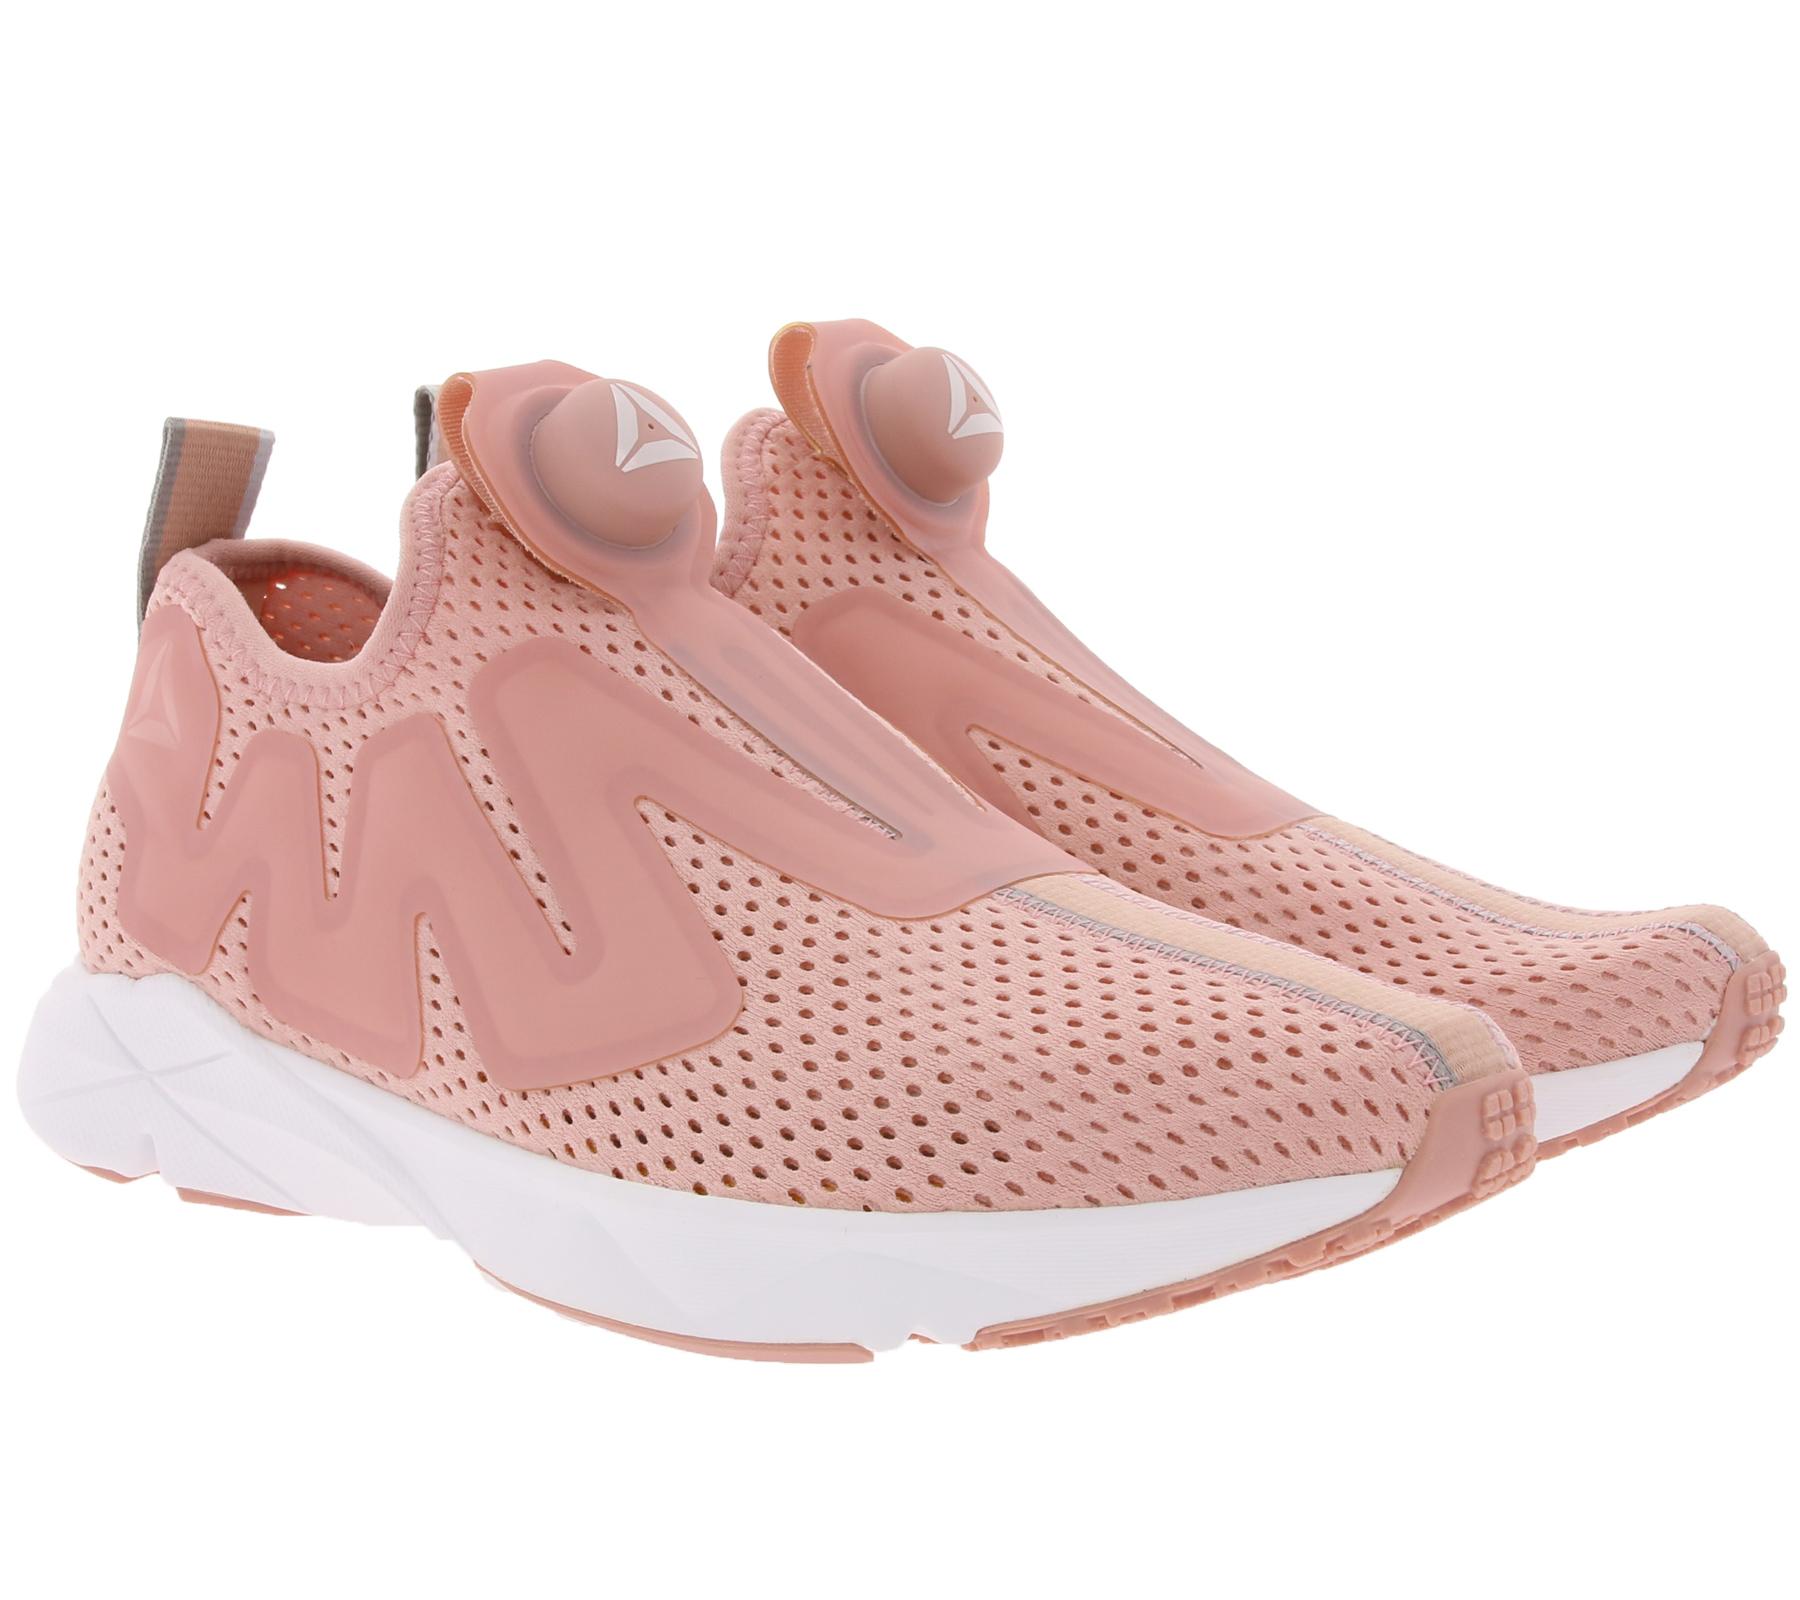 Reebok Sneaker coole Damen Schuhe Pump Supreme Tape Rosa/Weiß